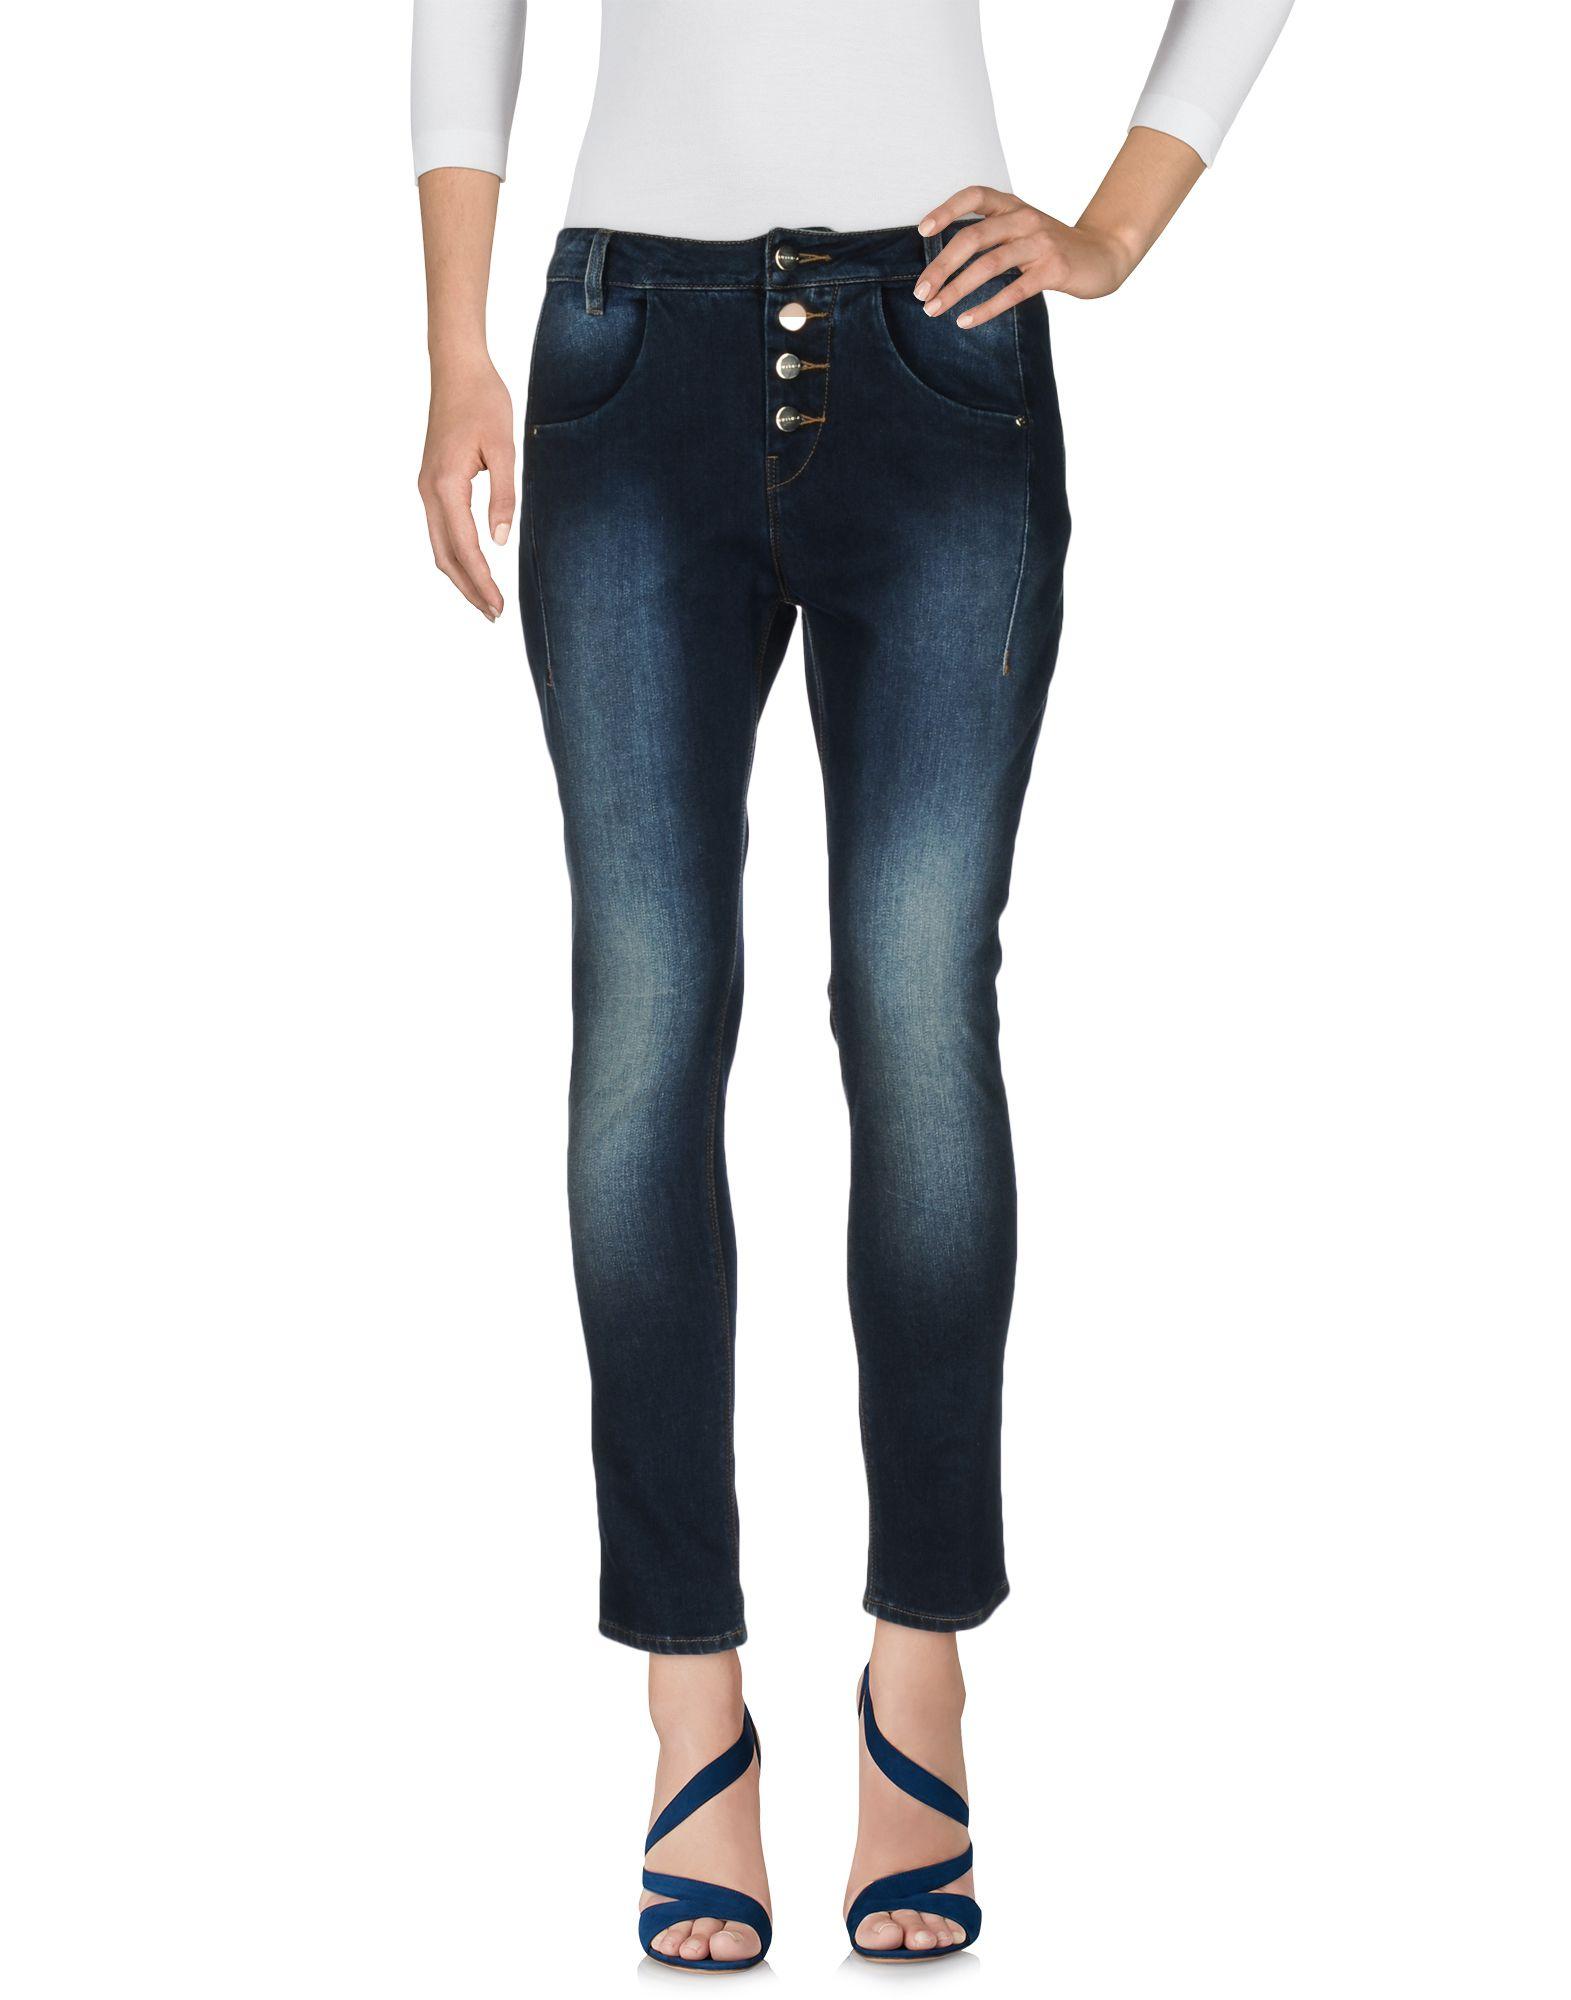 Swish J Jeans